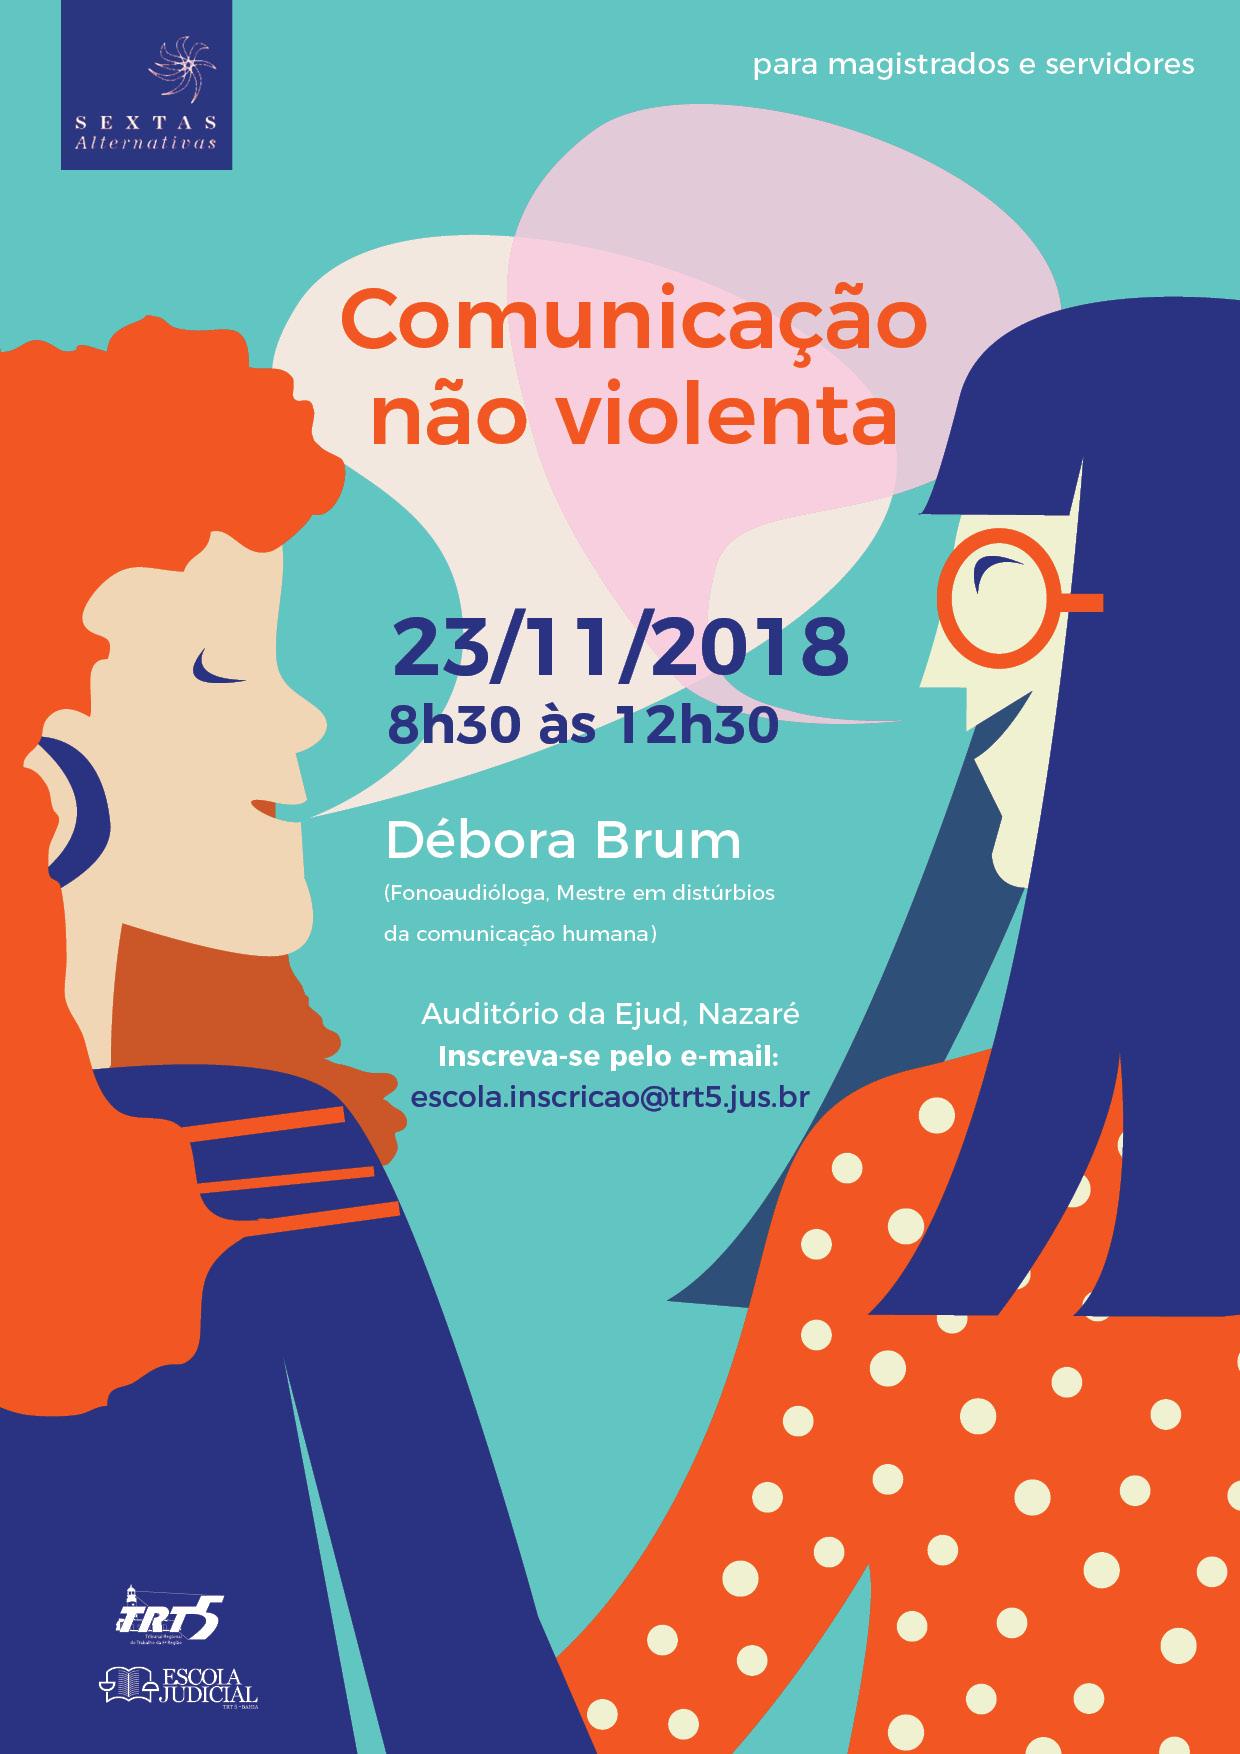 TRT5_Comunicacao_nao_violenta